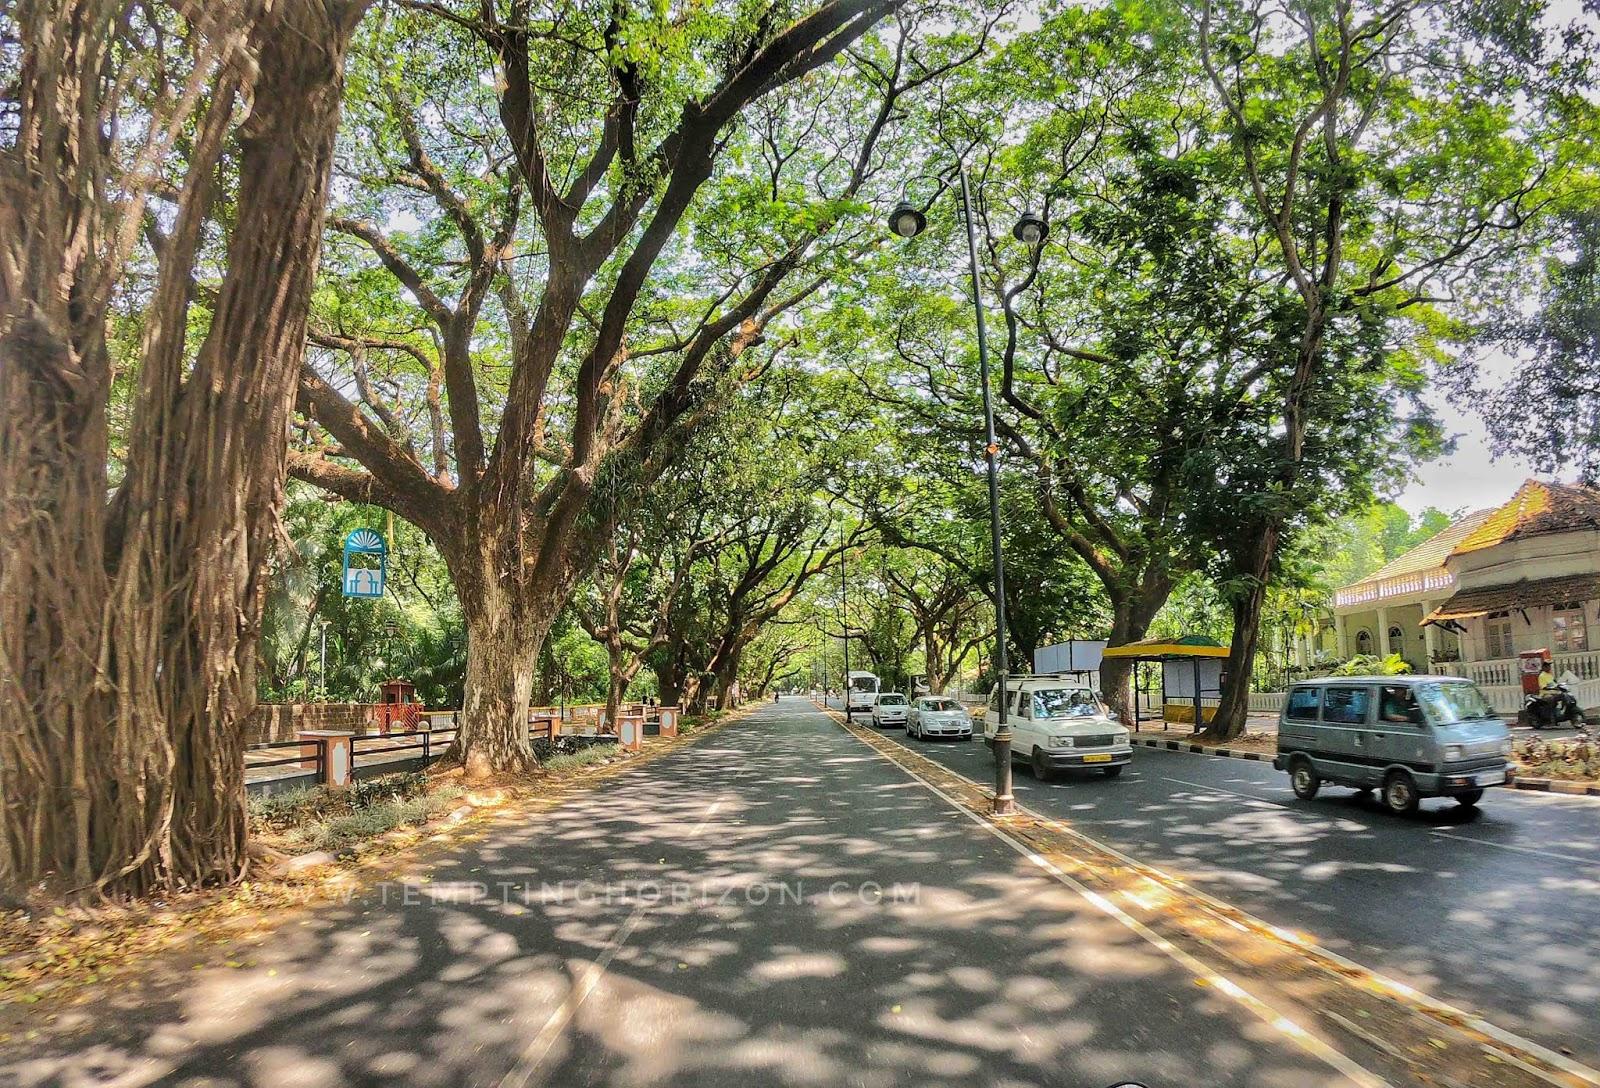 roadtrip to goa - goan roads